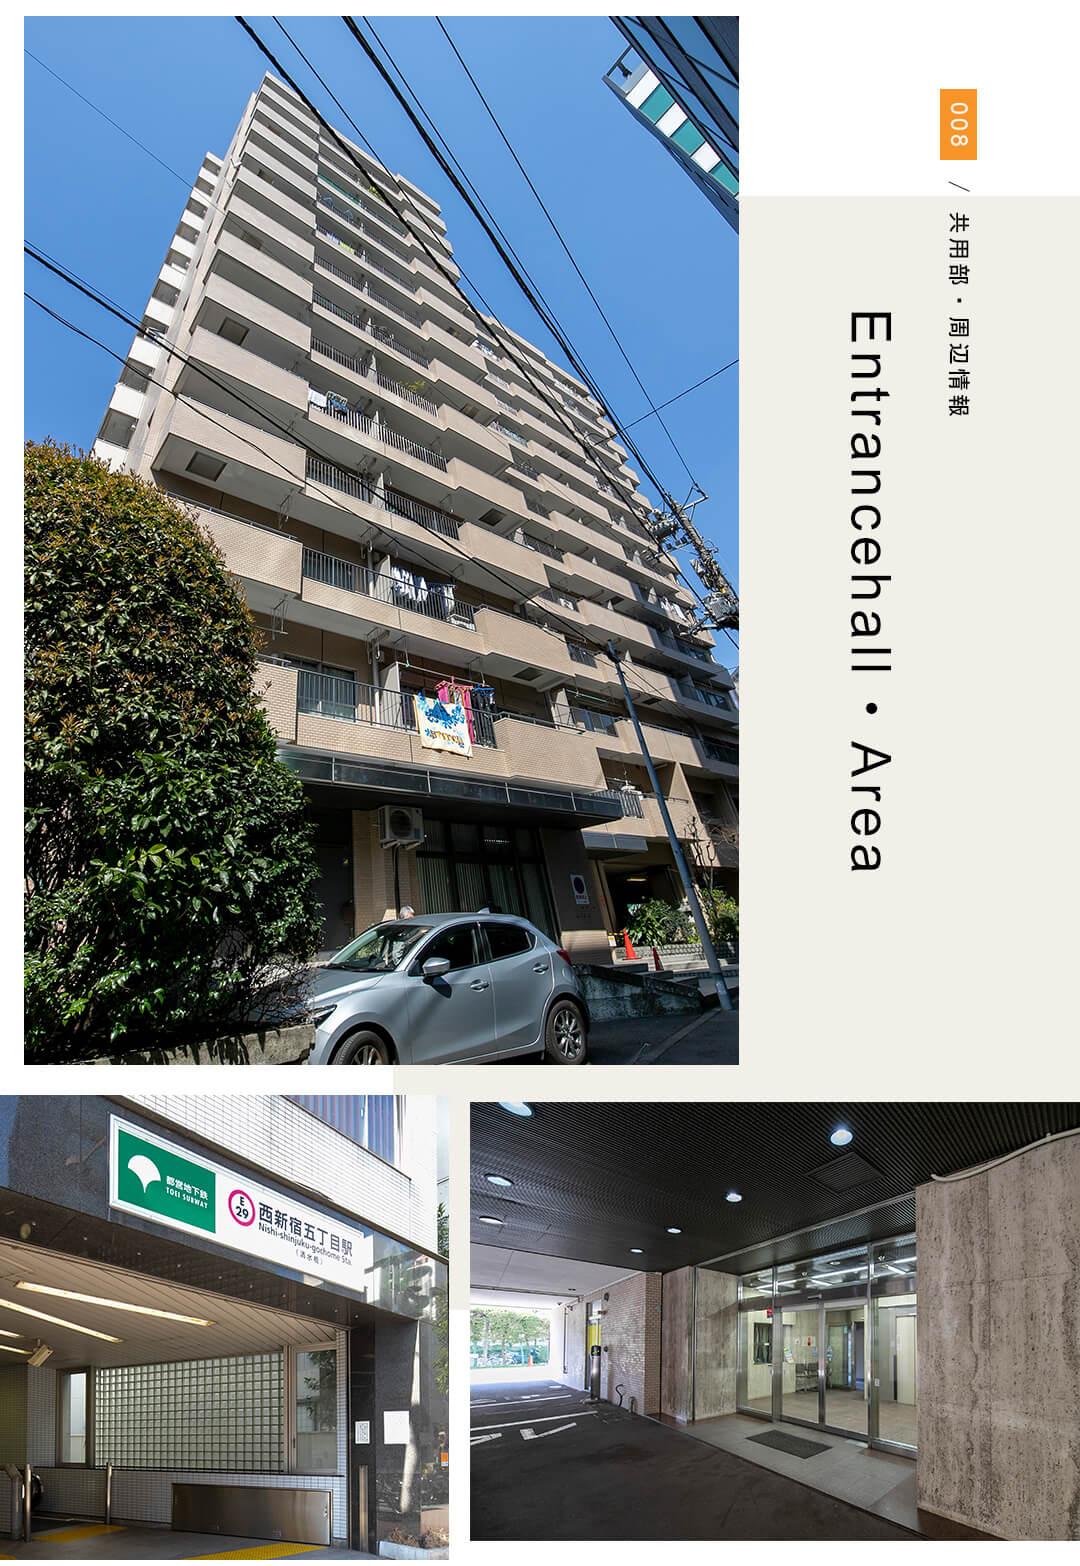 新宿セントビラ永谷の外観と共用エントランスと周辺情報